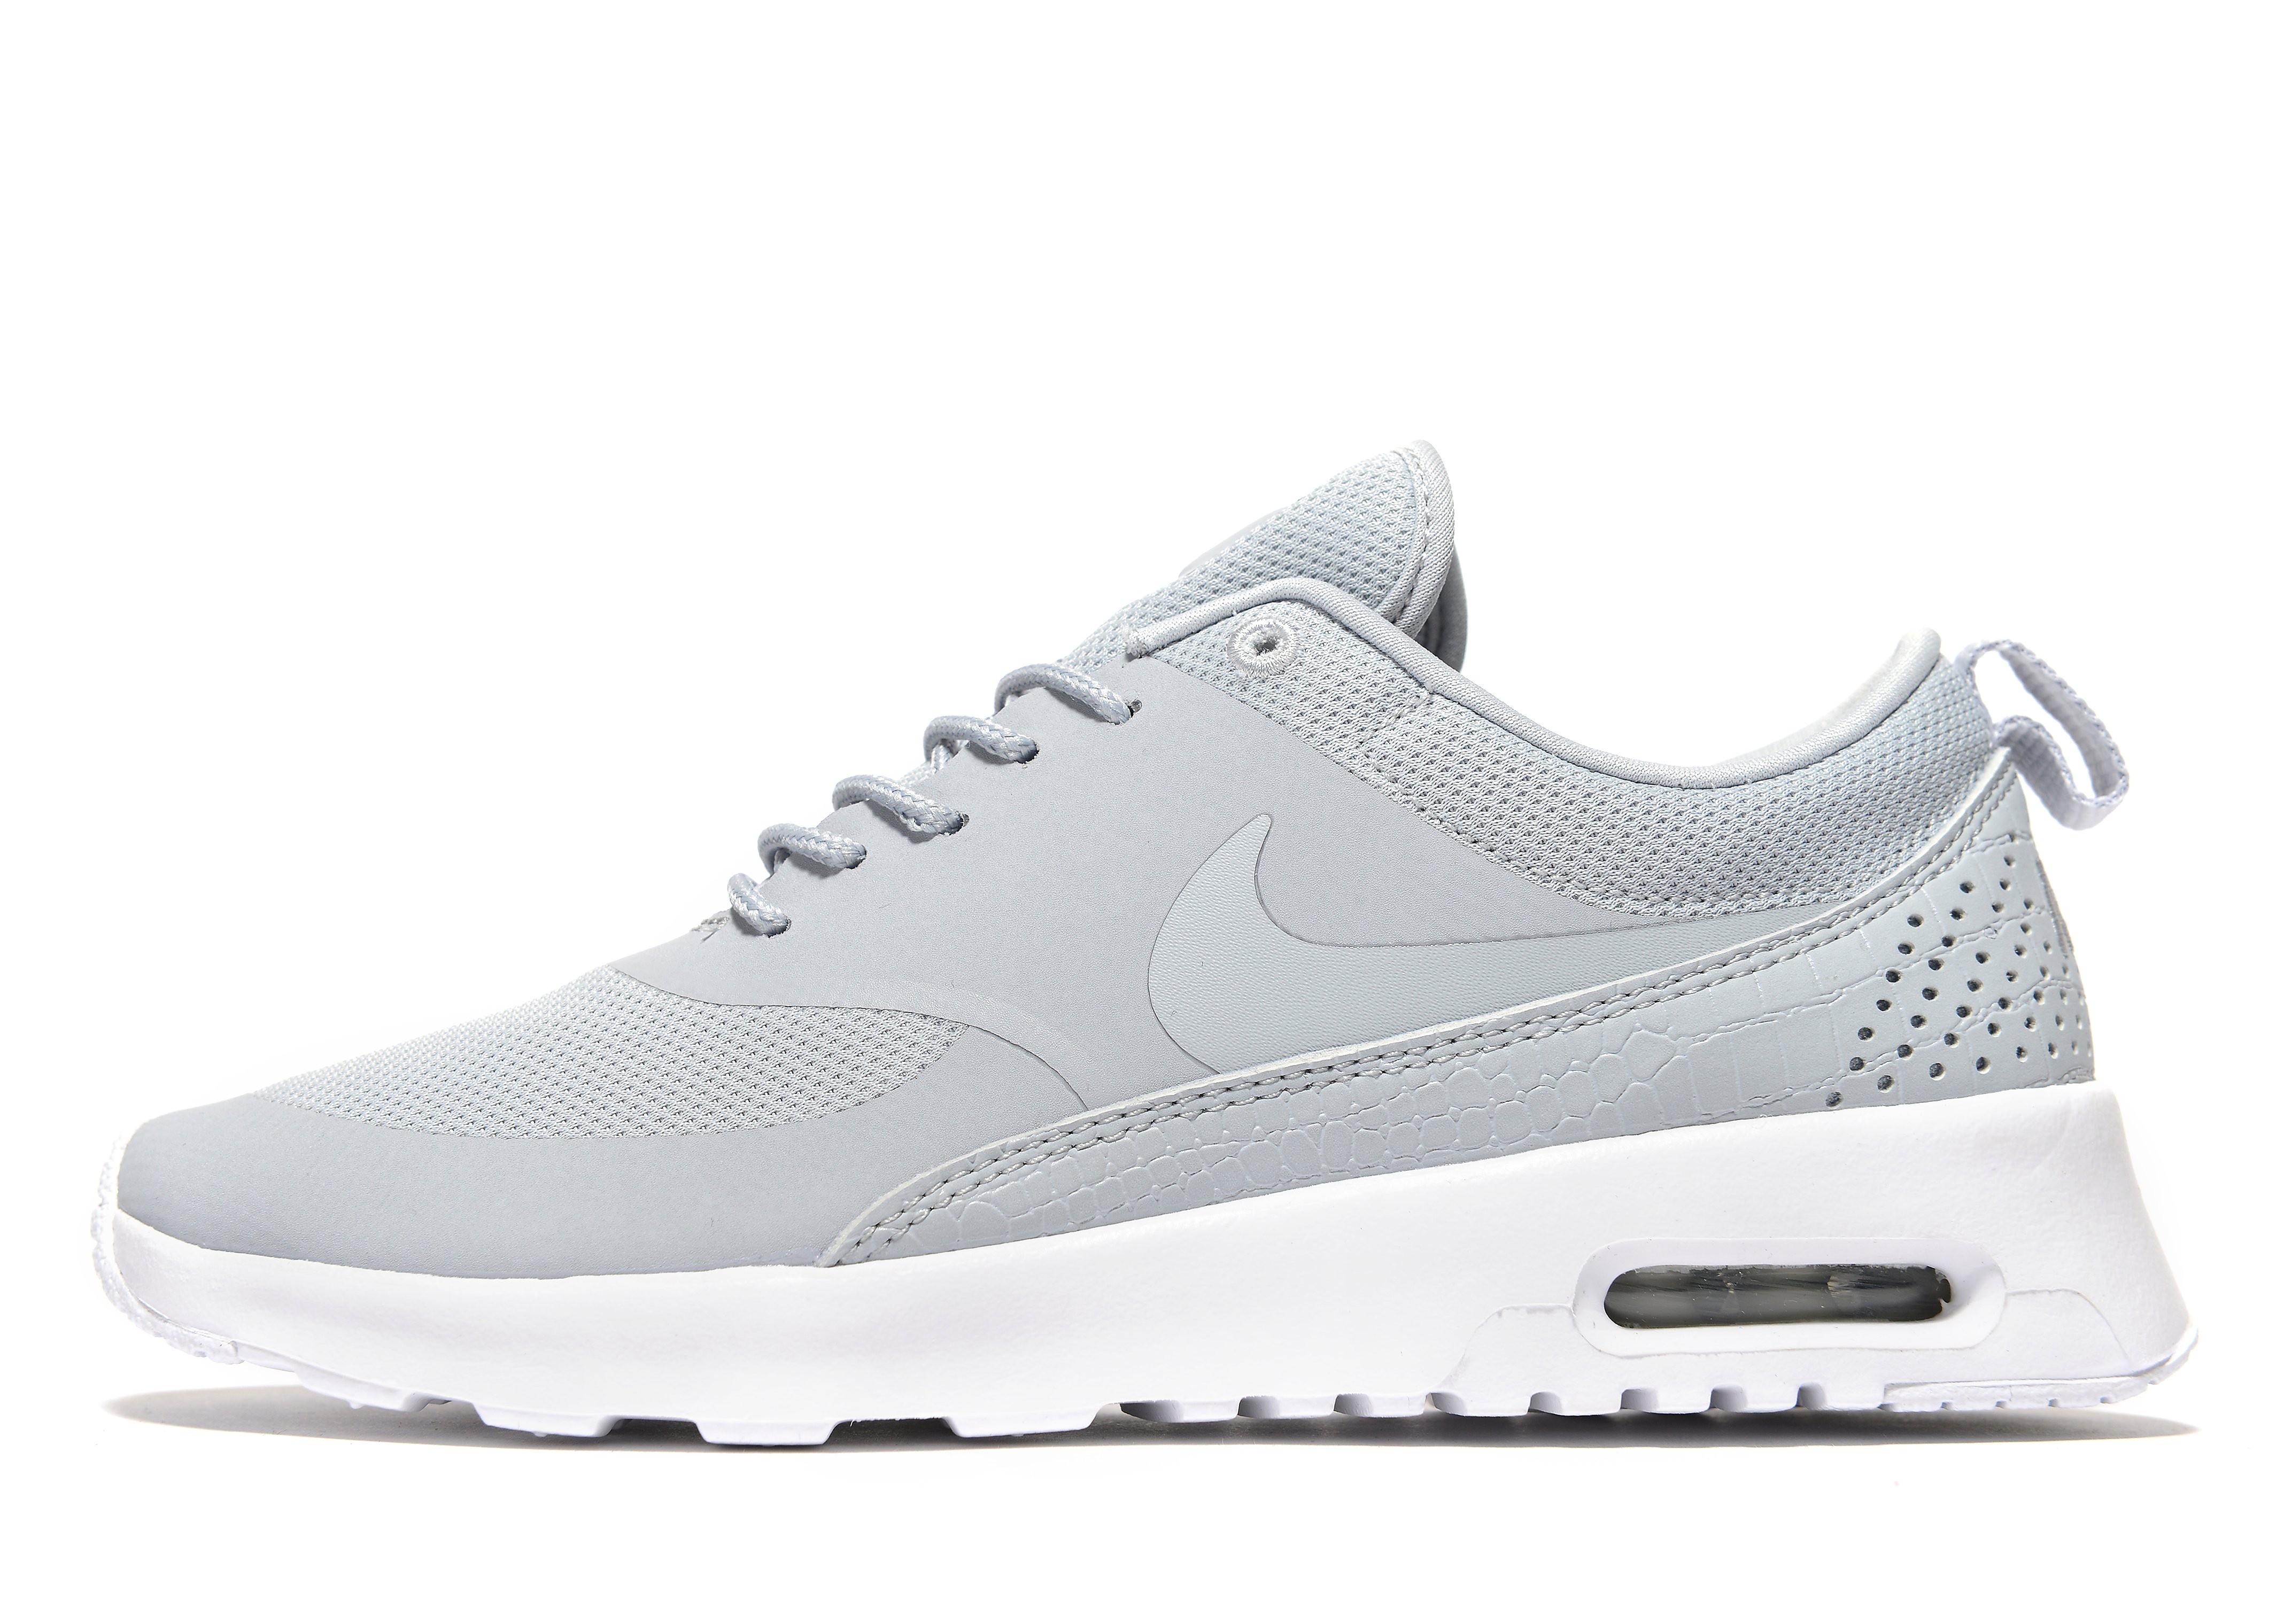 Nike Air Max Thea Essential Women's